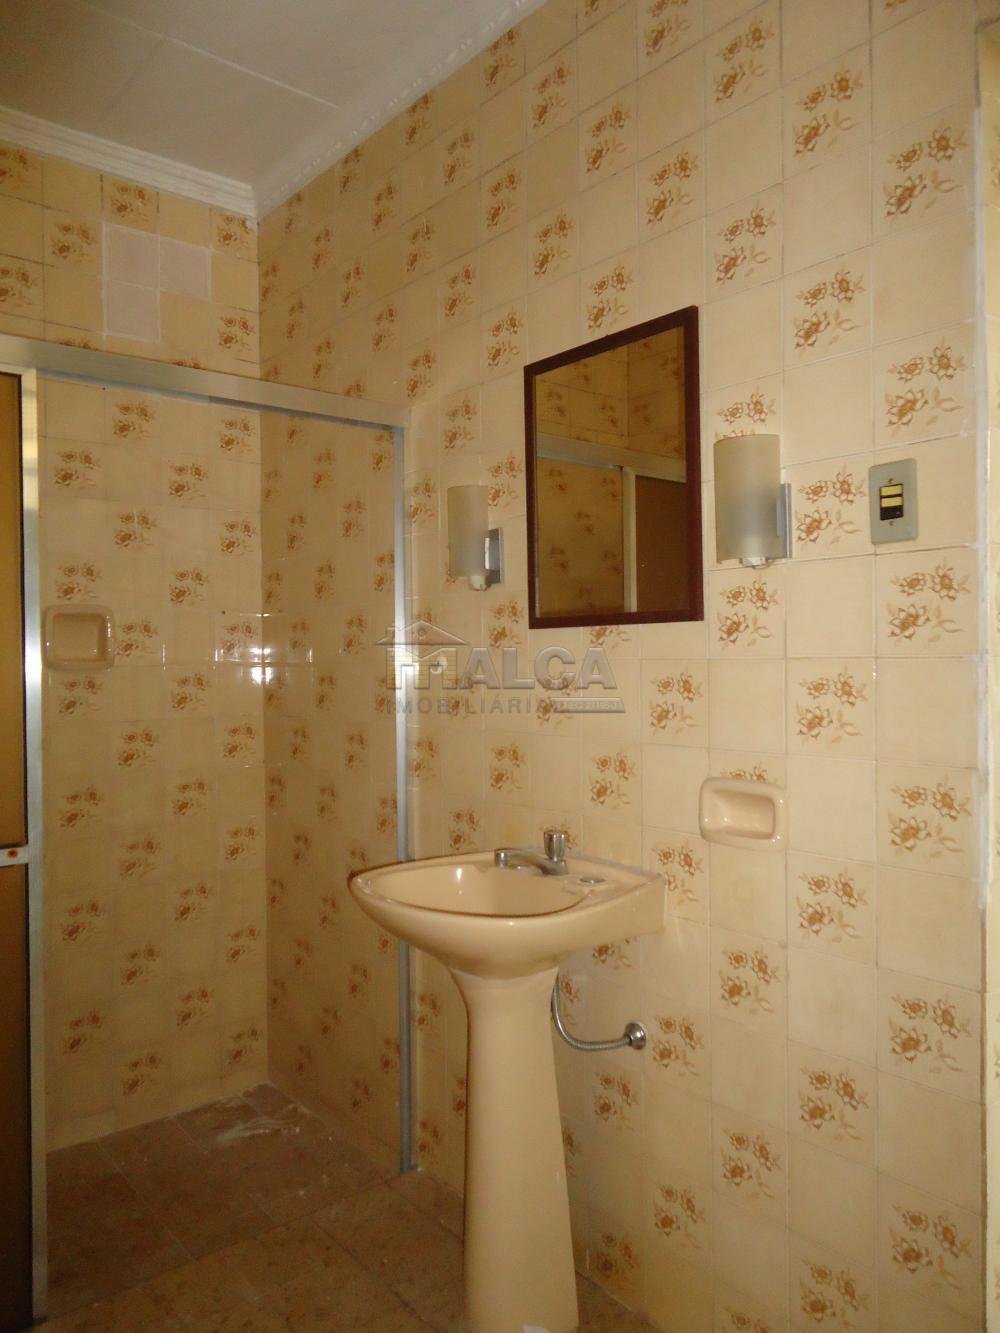 Alugar Casas / Padrão em São José do Rio Pardo R$ 1.120,00 - Foto 27